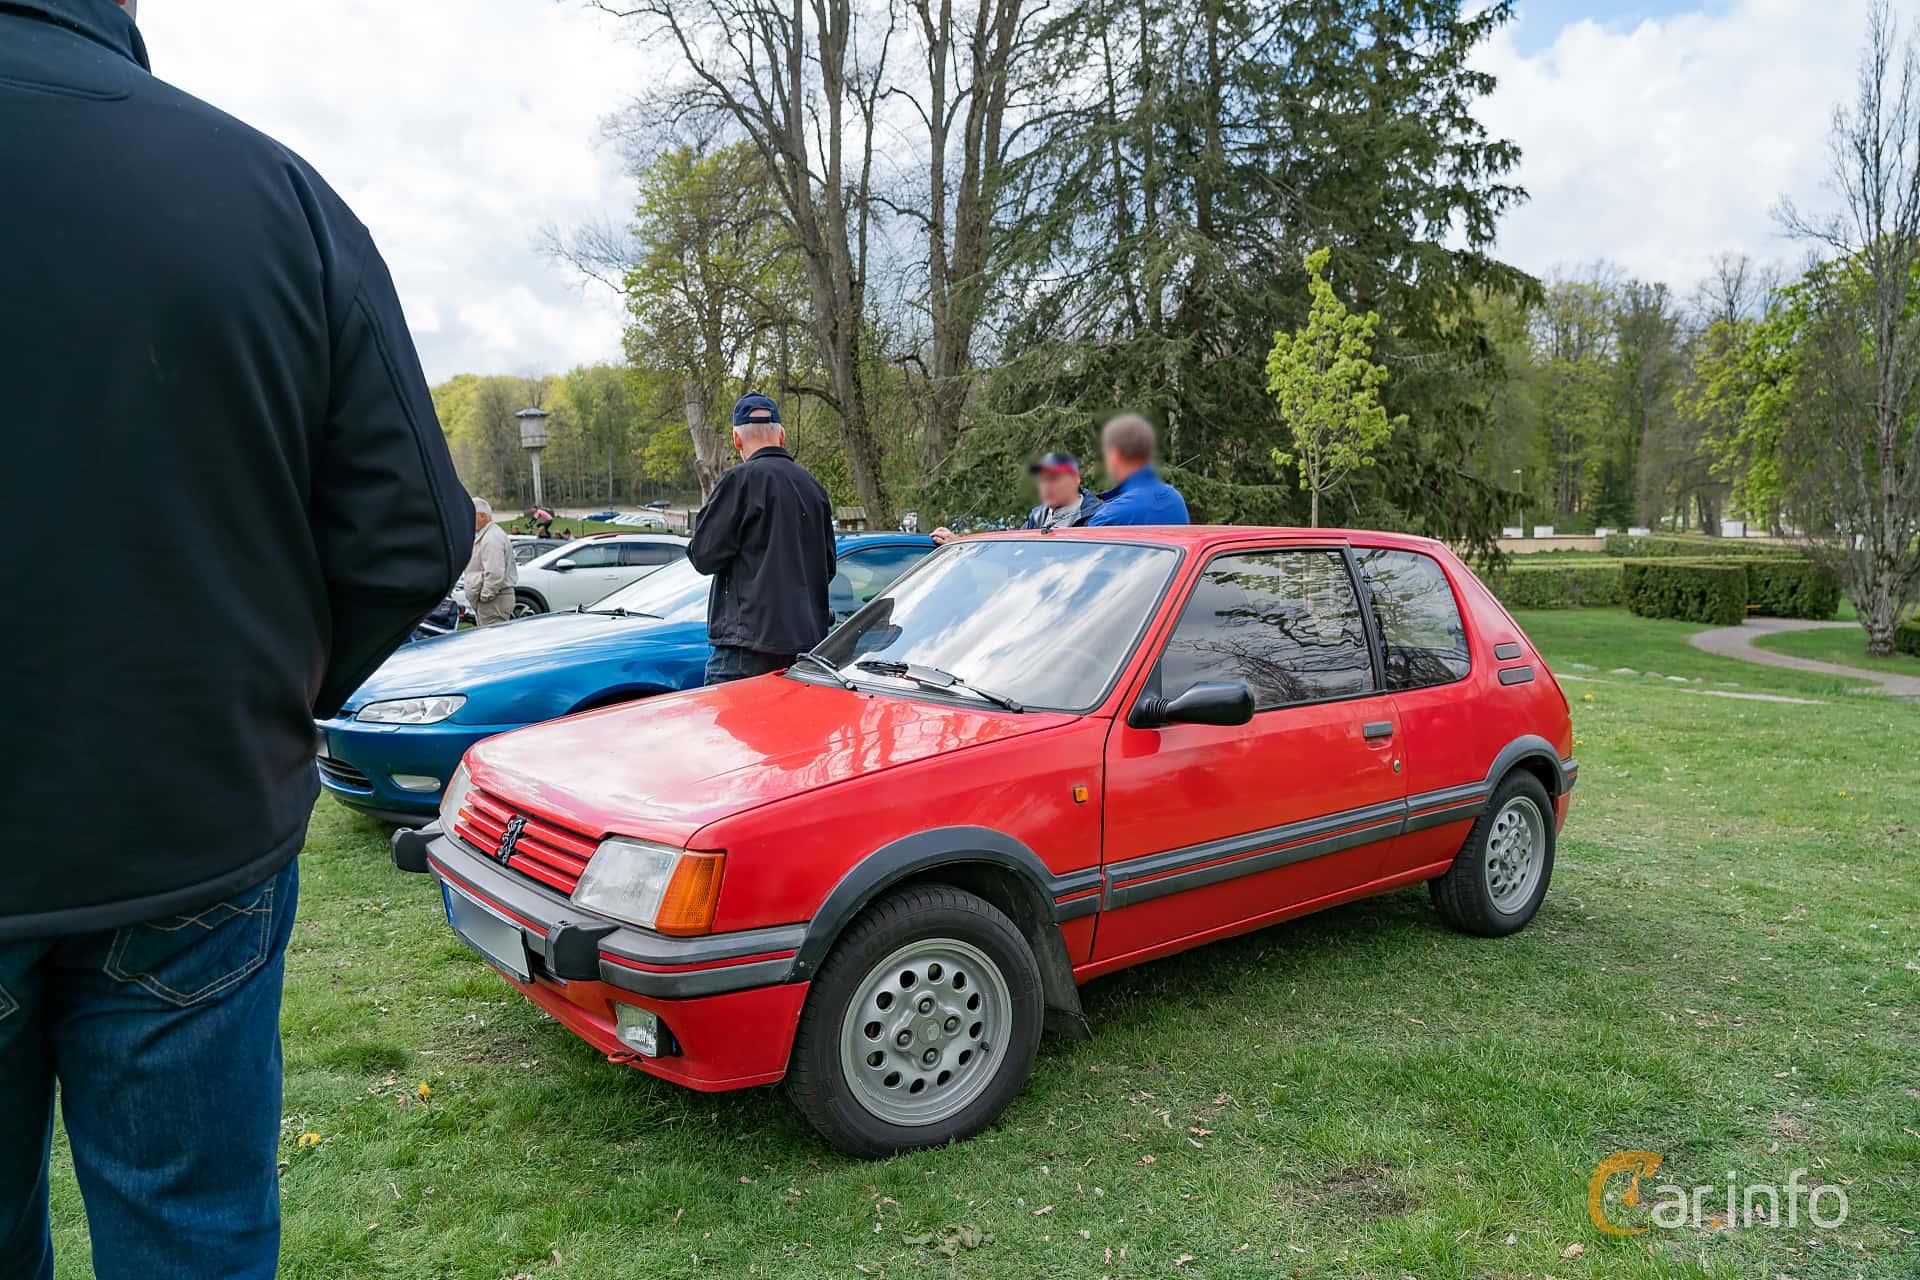 Peugeot 205 3-door 1.6 Manual, 104hp, 1987 at Fest För Franska Fordon  på Taxinge slott 2019